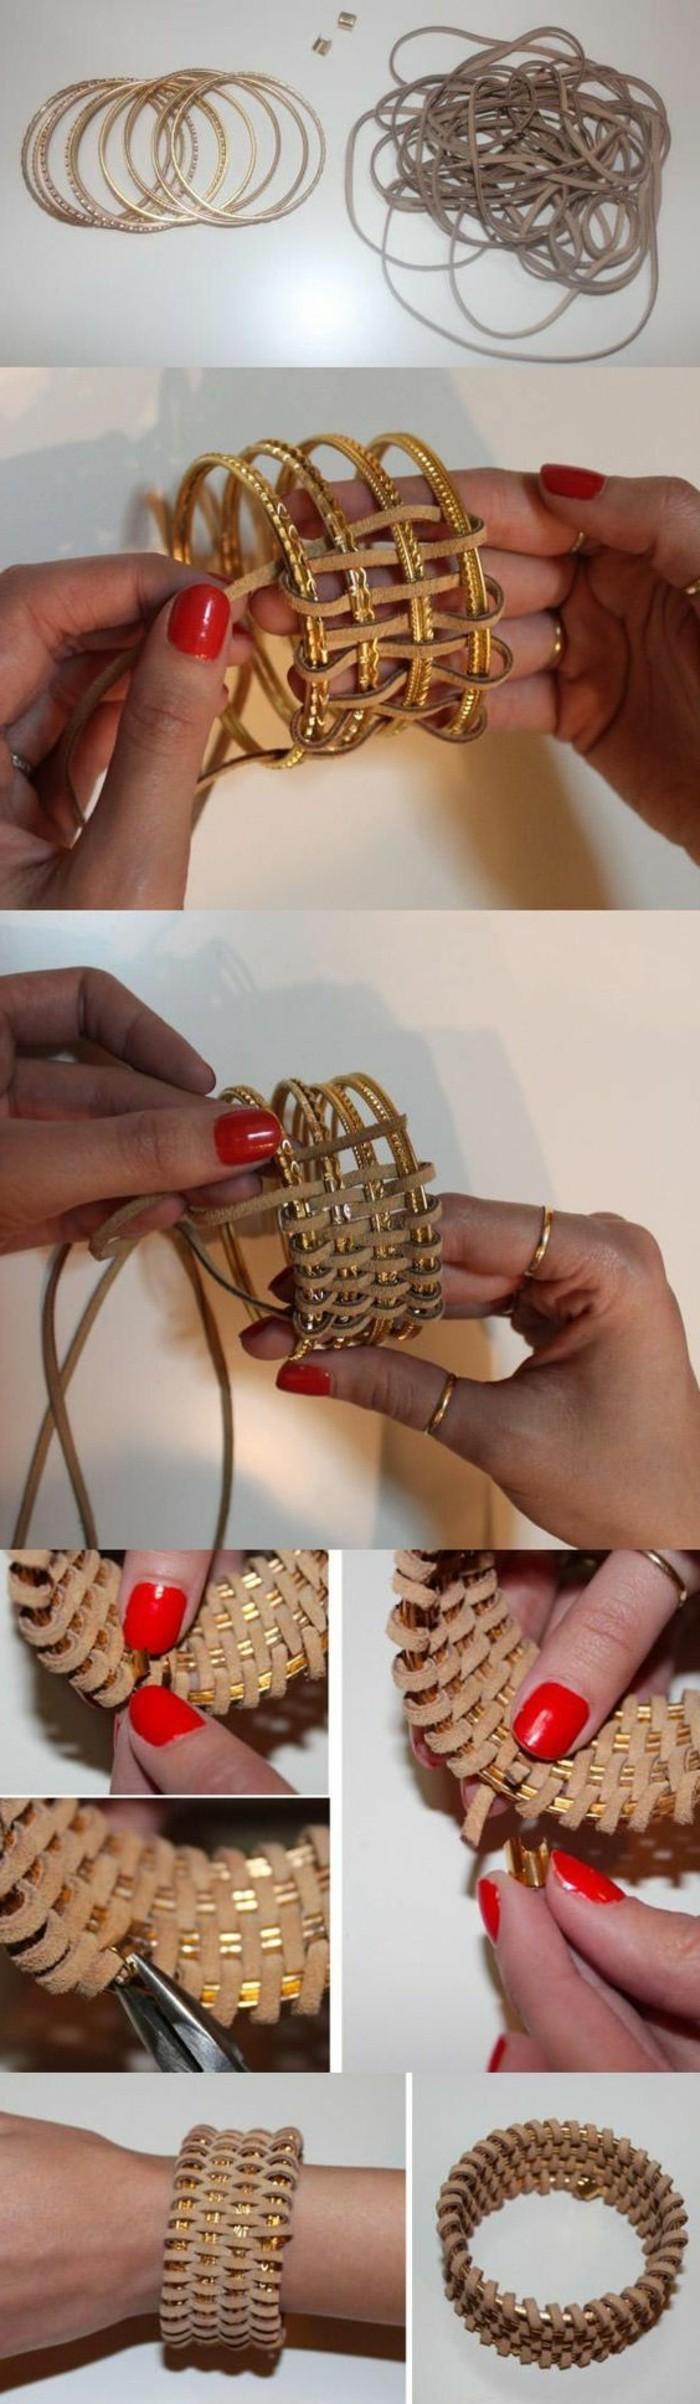 diy-idee-bracelet-a-faire-soi-meme-tuto-en-photos-bijou-pas-cher-fait-a-la-maison